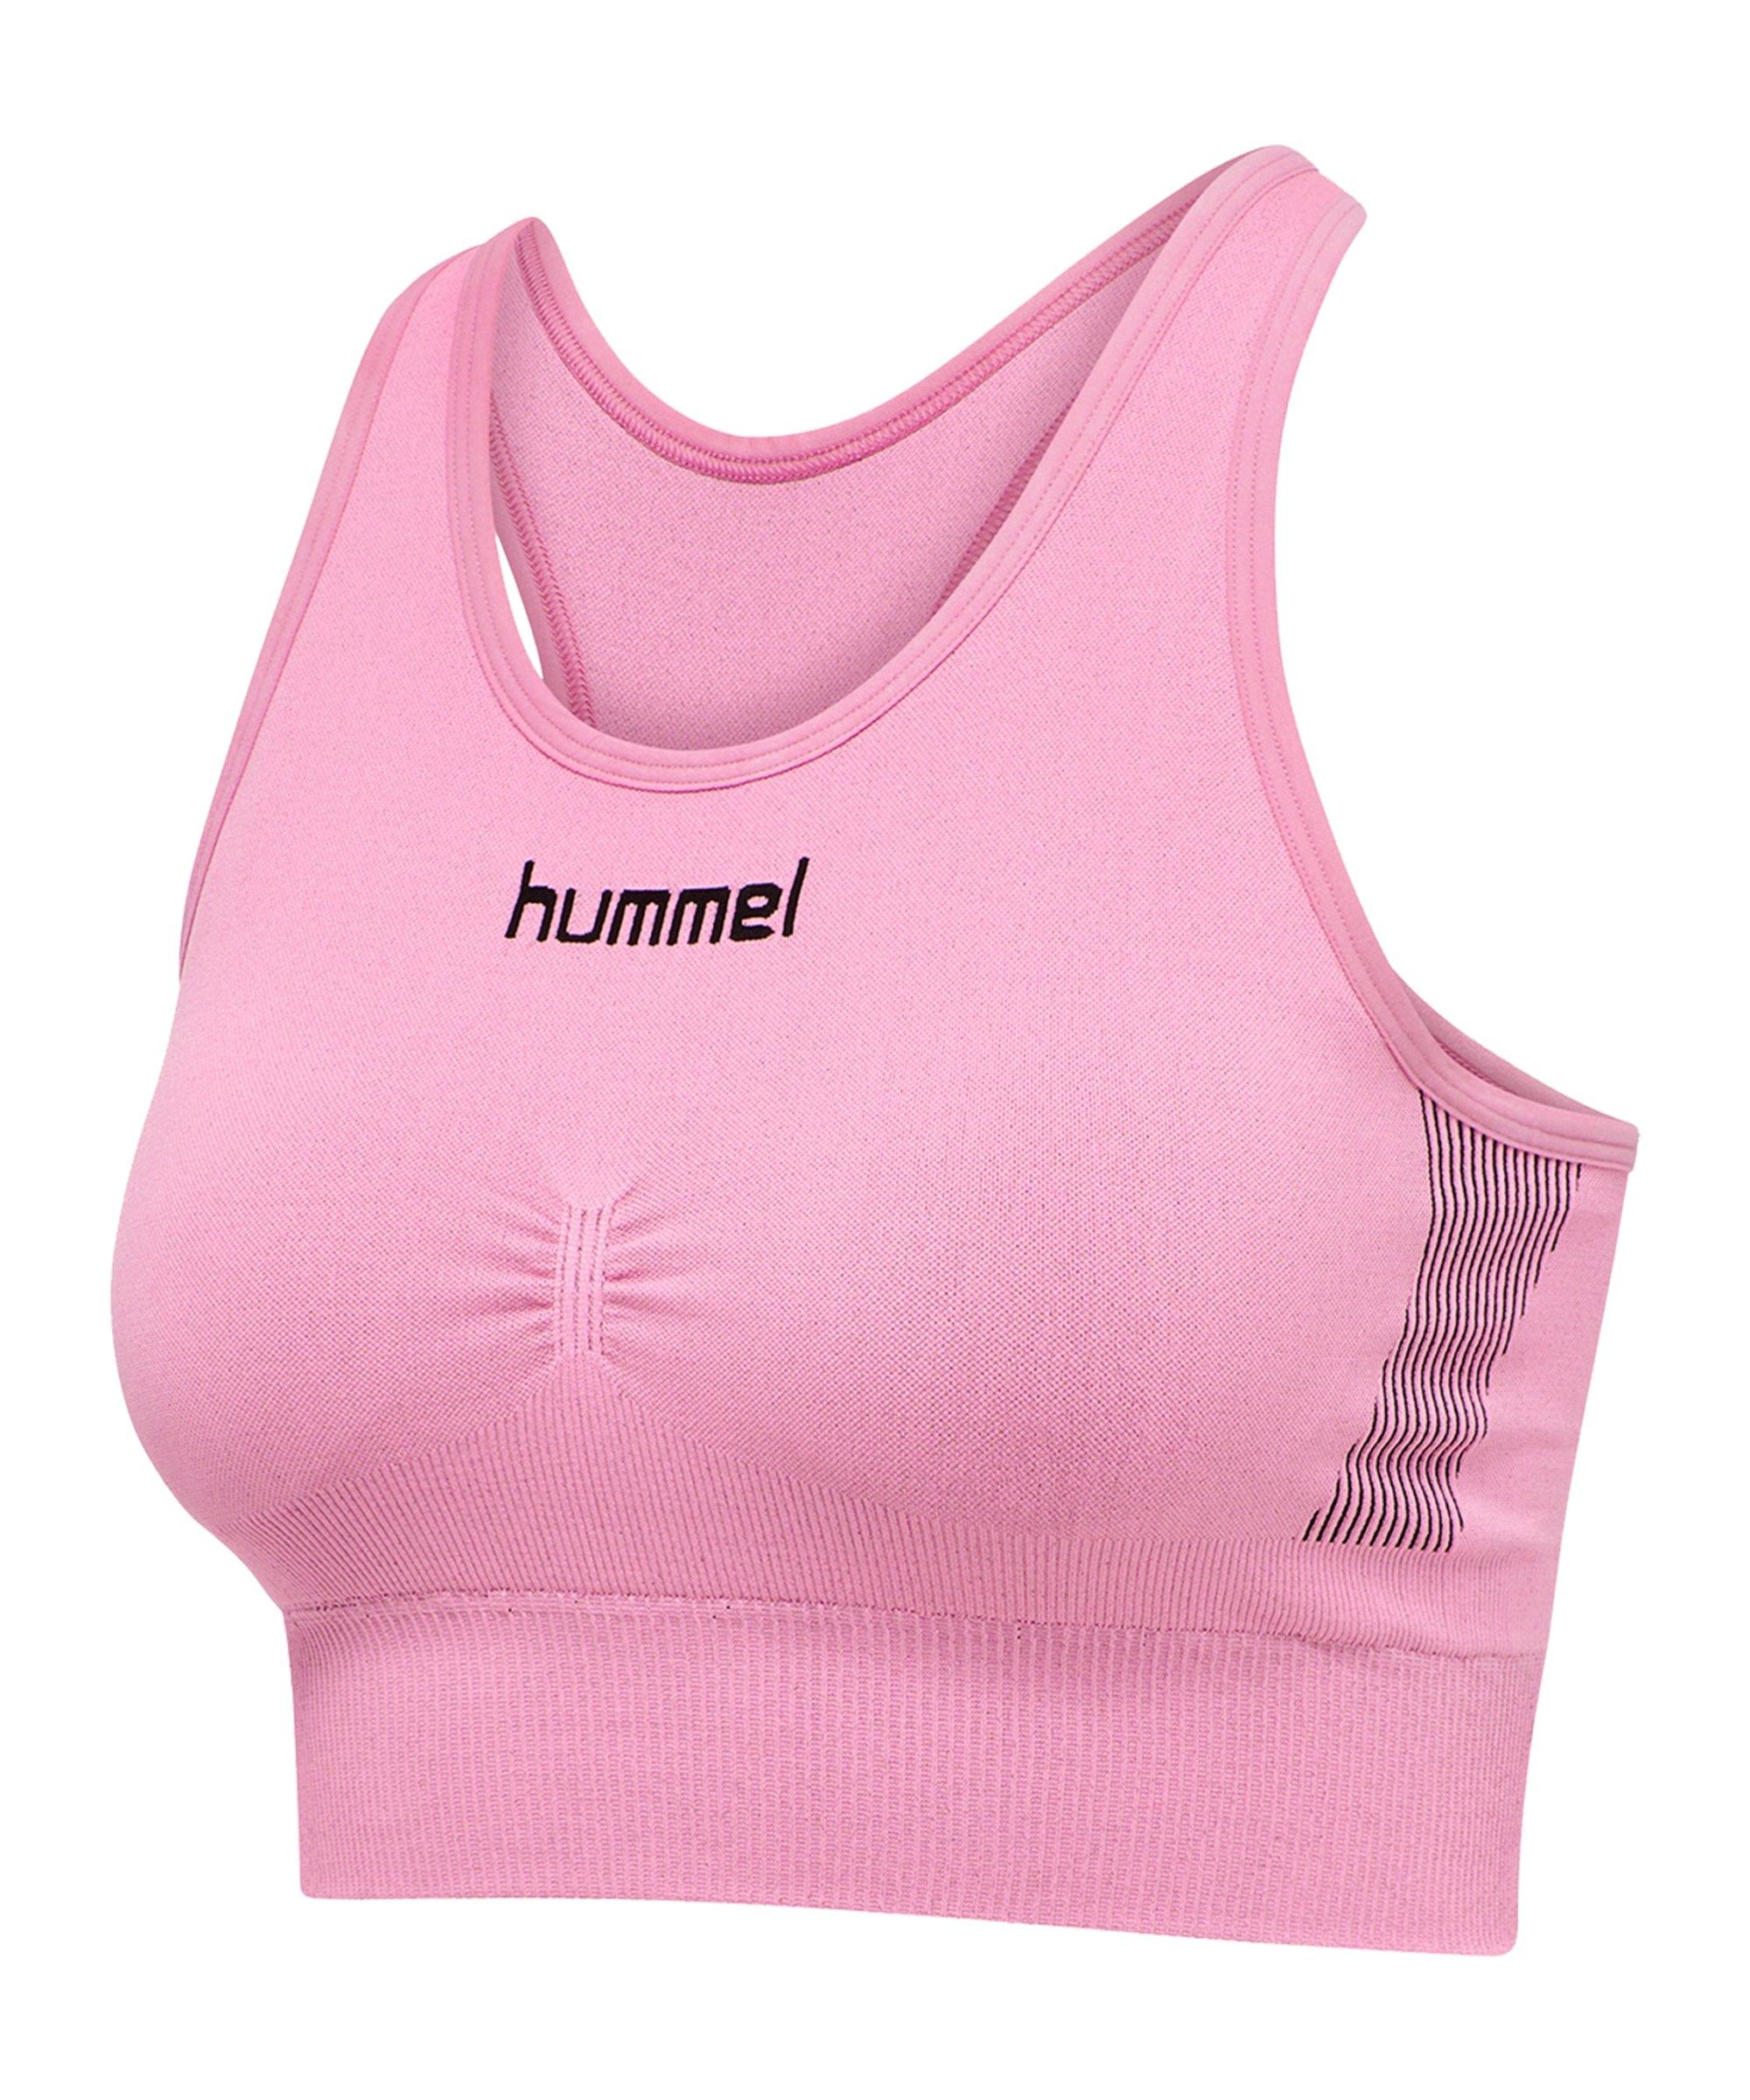 Hummel First Seamless Sport-BH Bra Damen F3257 - pink